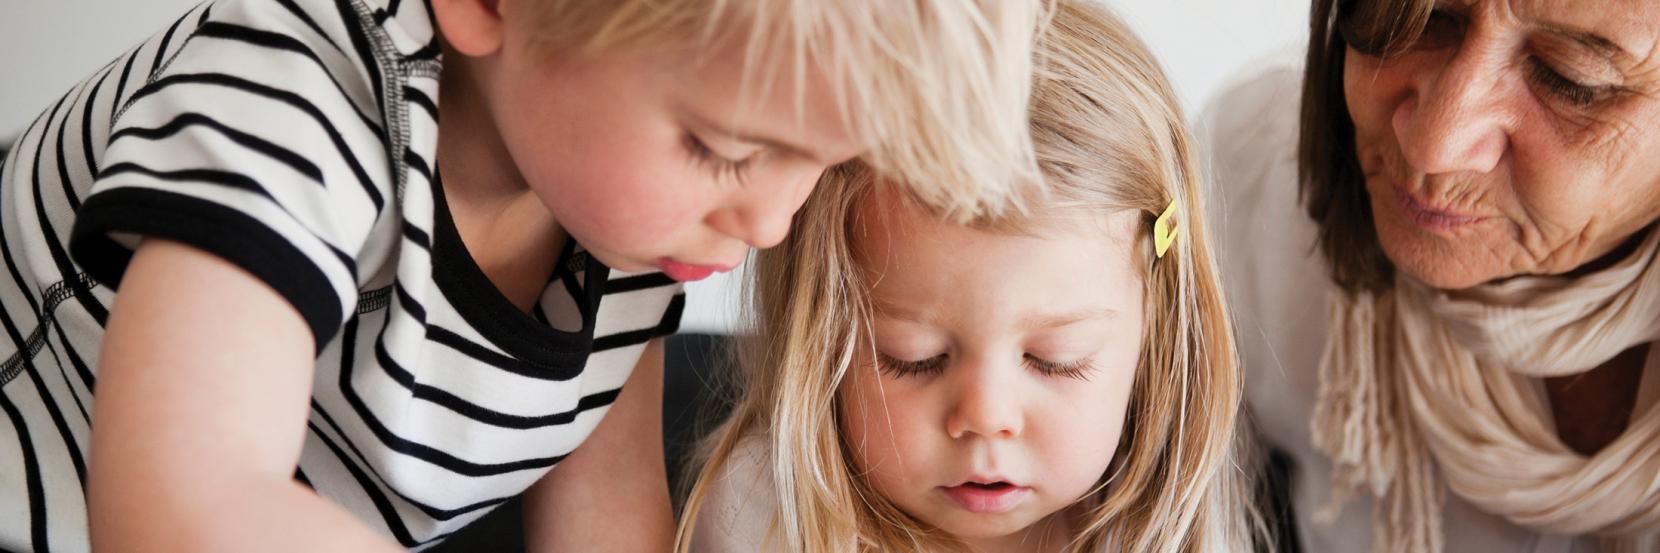 To børn i daginstitution kigger på iPad sammen med deres pædagog